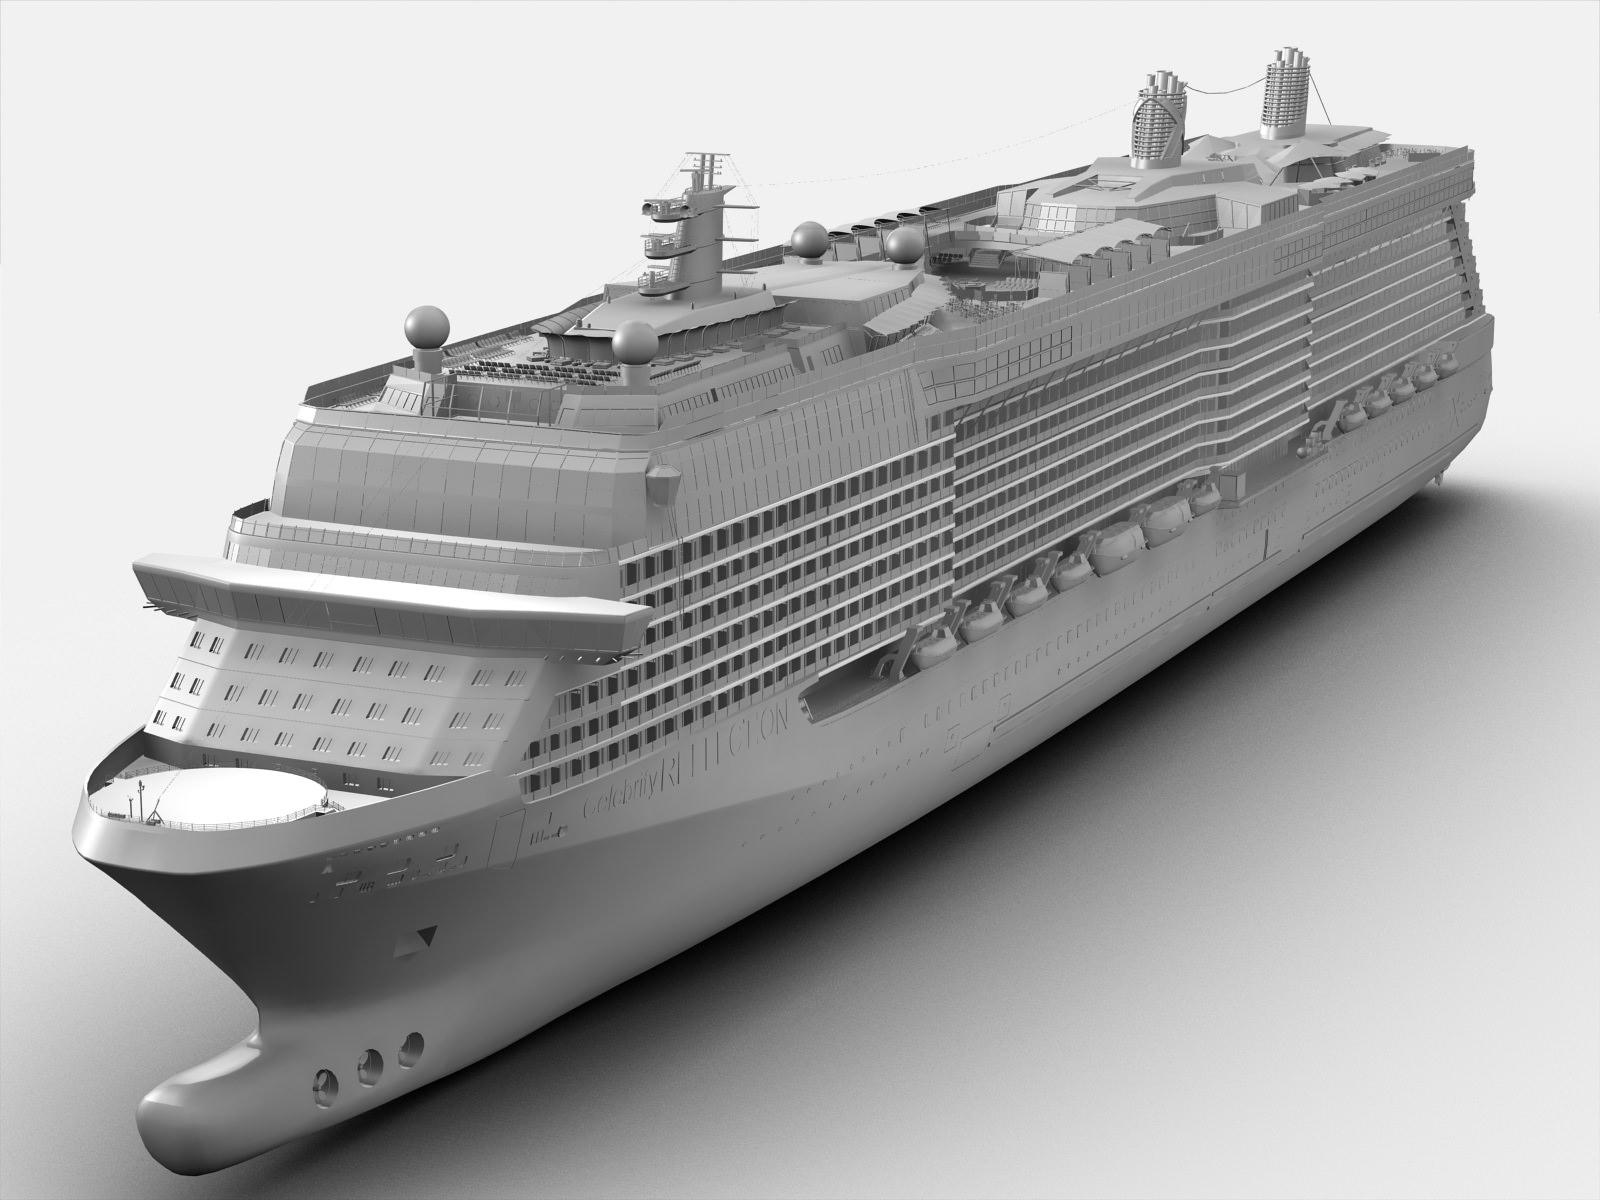 Celebrity Cruises 'Celebrity Summit' | Grand Bahama Shipyard